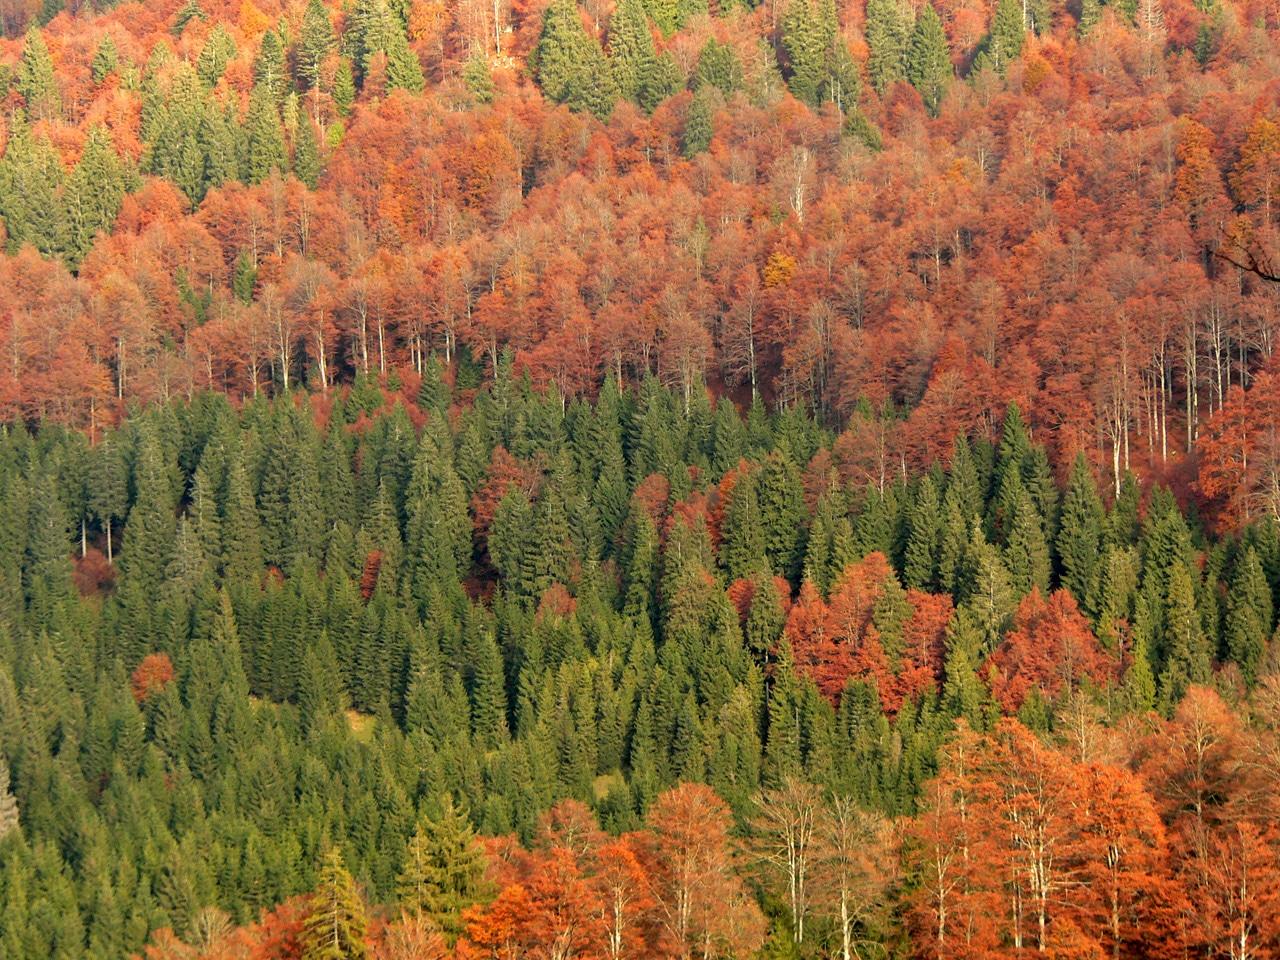 El bosque mixto está compuesto por árboles y coníferas